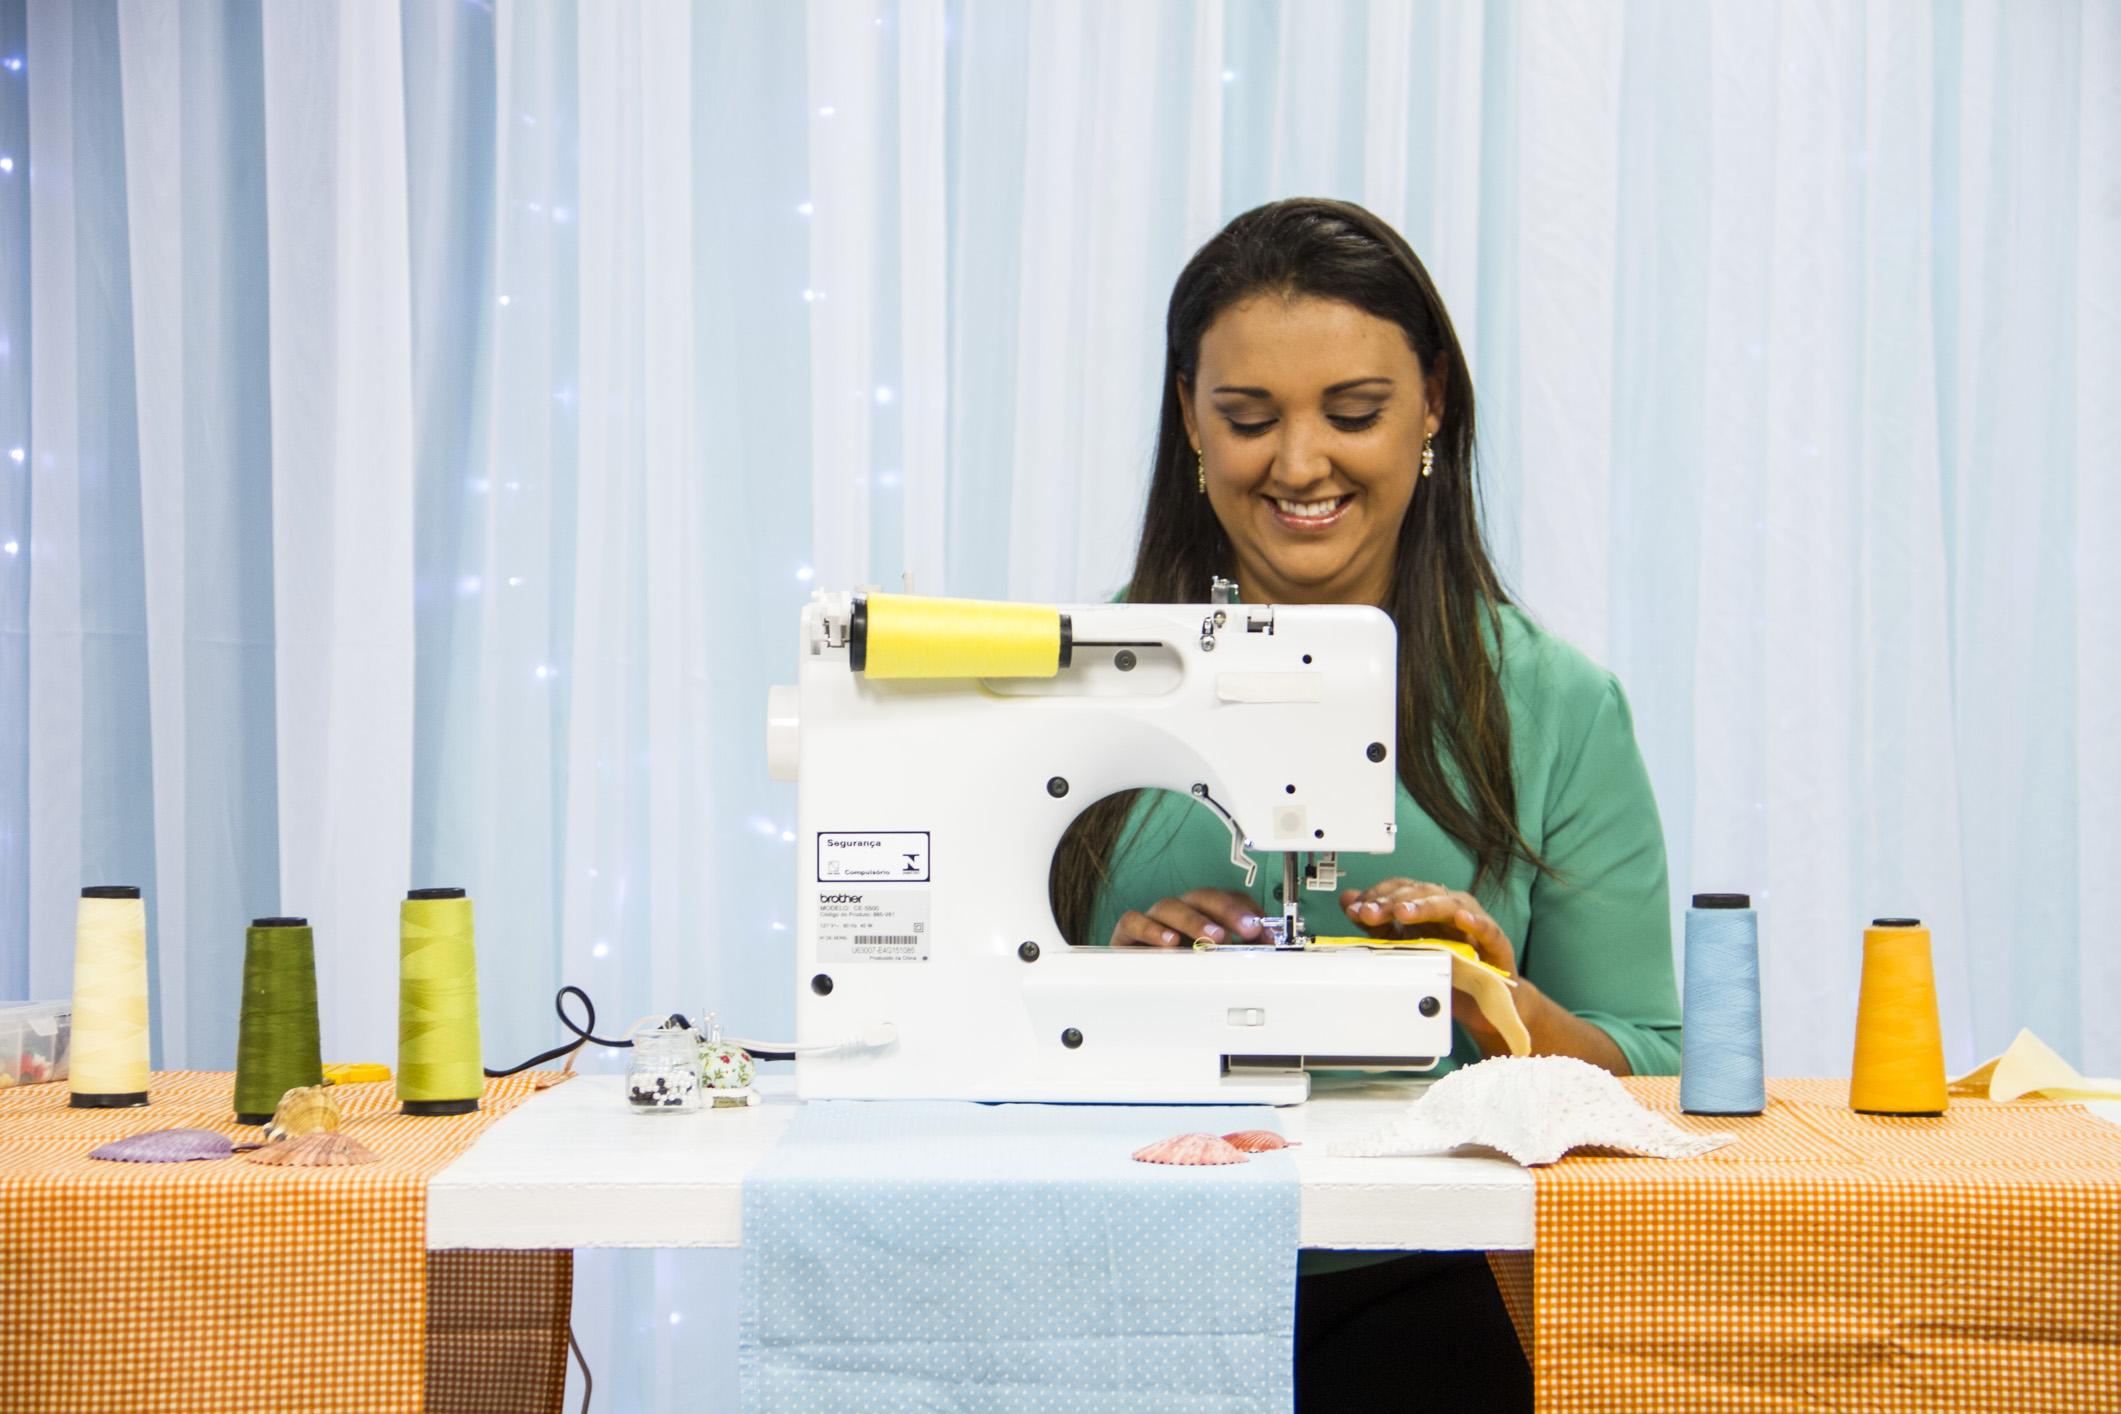 Ana em sua máquina de costura: o artesanato mudou sua vida!